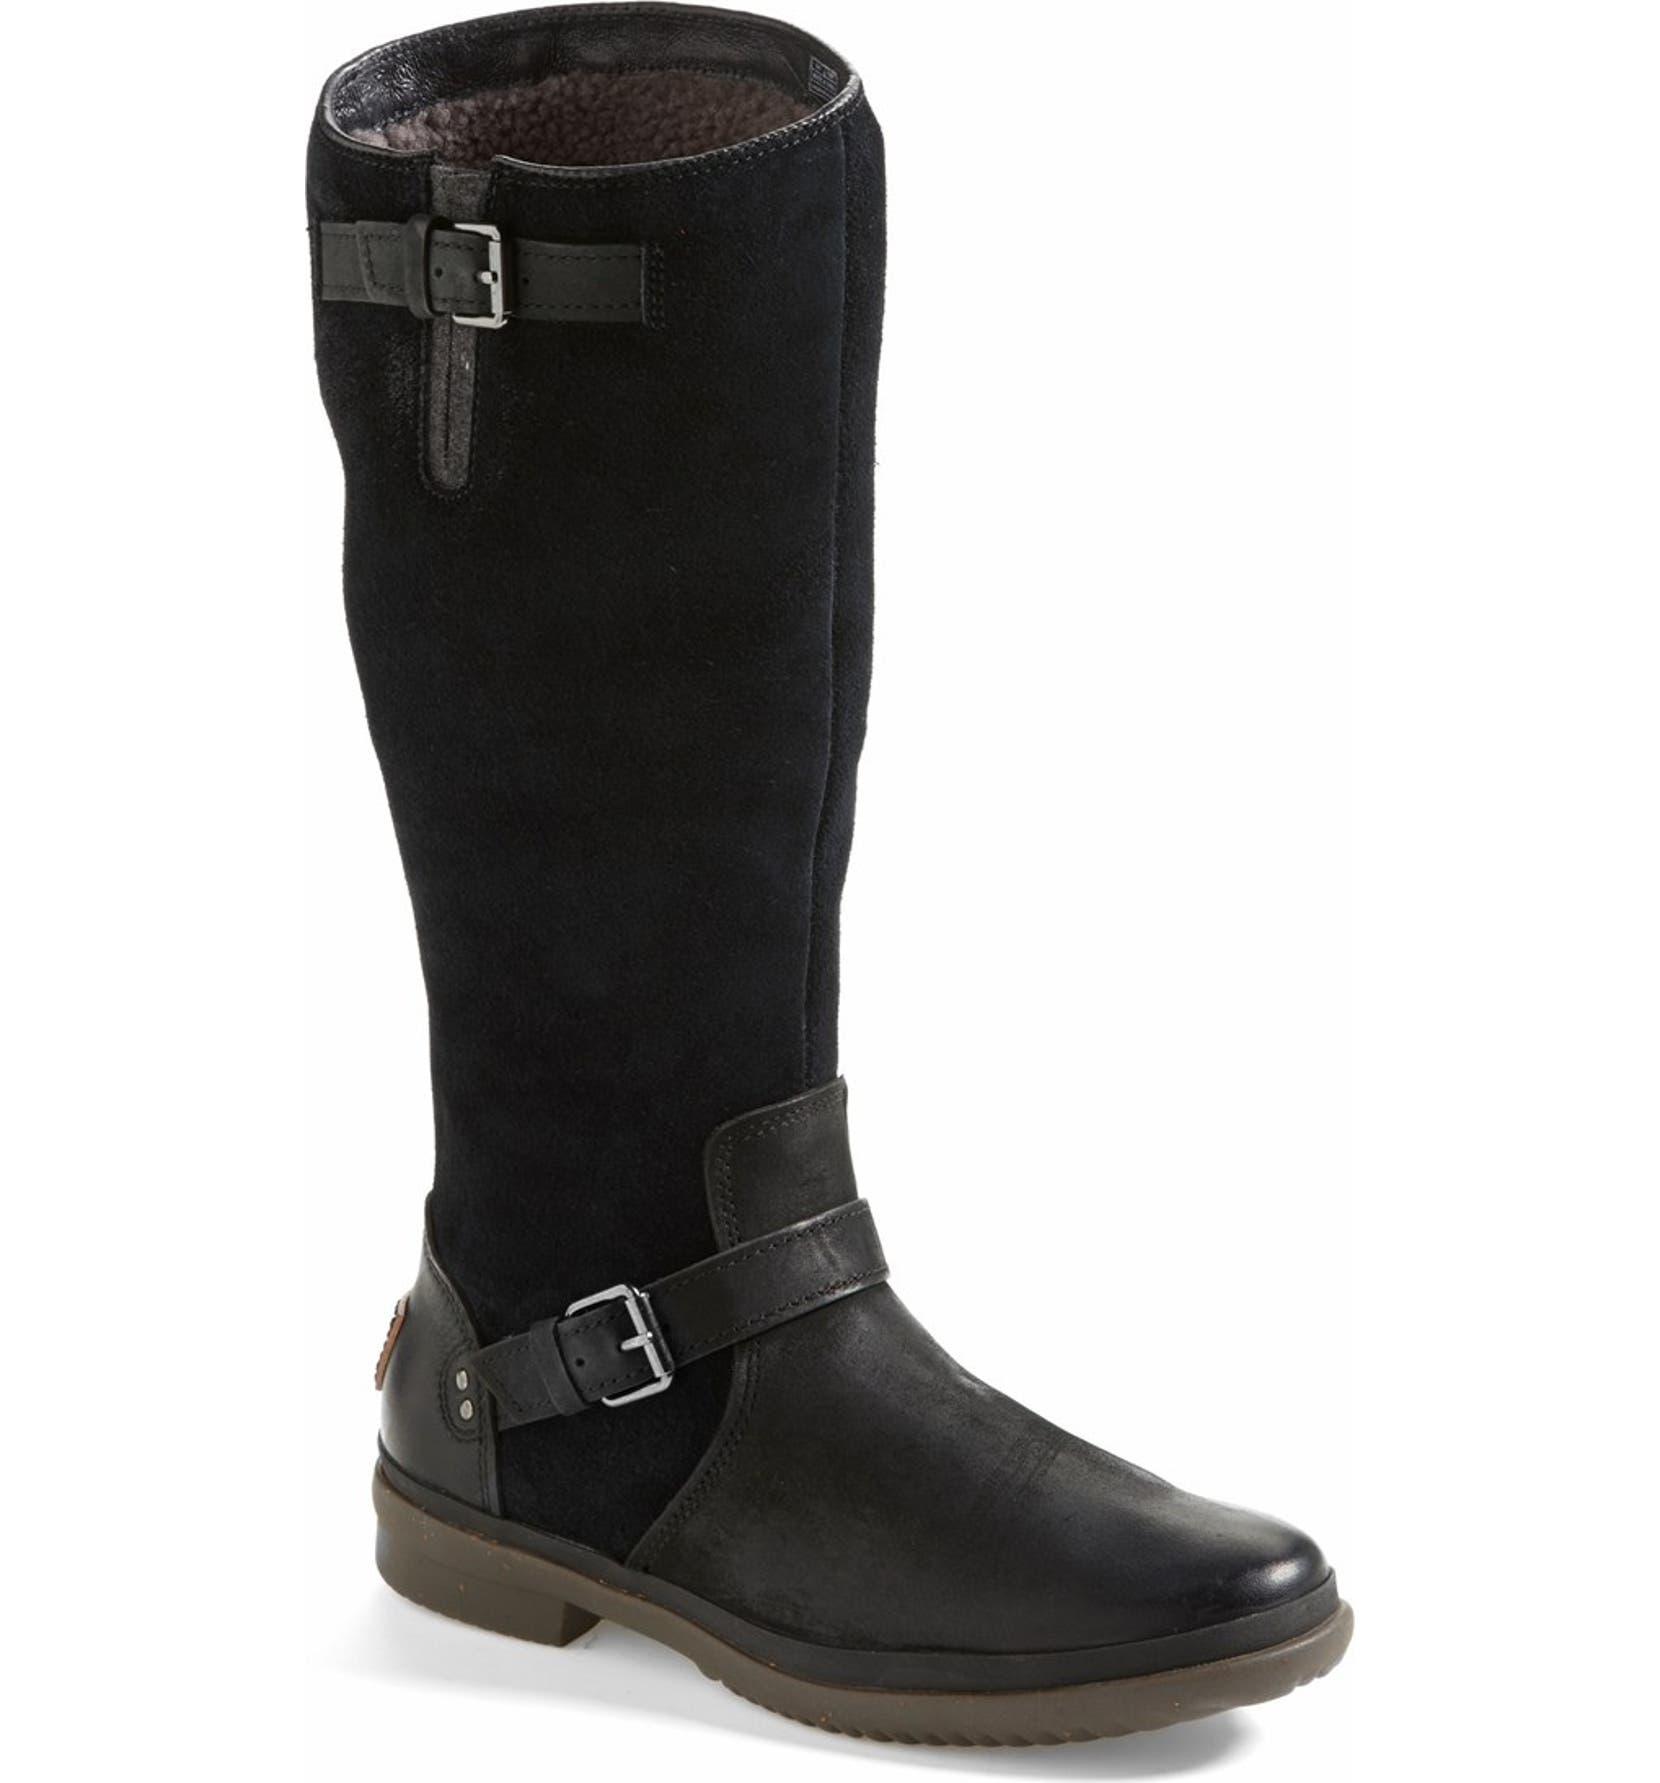 3cedad35818 'Thomsen' Waterproof Leather Knee High Boot